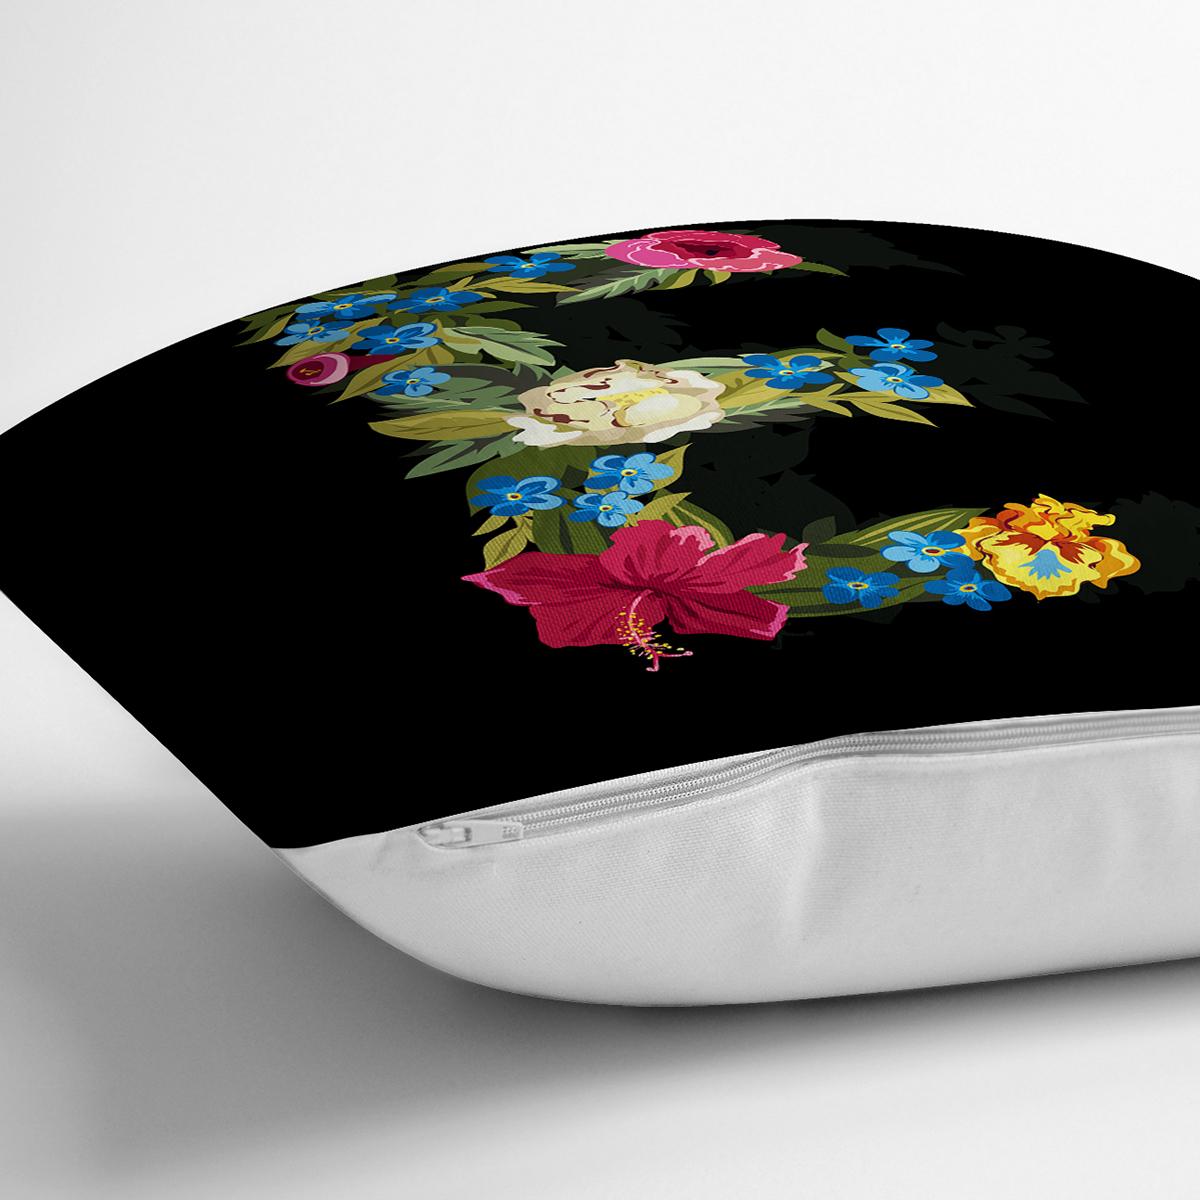 Siyah Zemin Renkli Gül Temalı E Harfi Özel Tasarım Dijital Baskılı Yastık Kırlent Kılıfı Realhomes